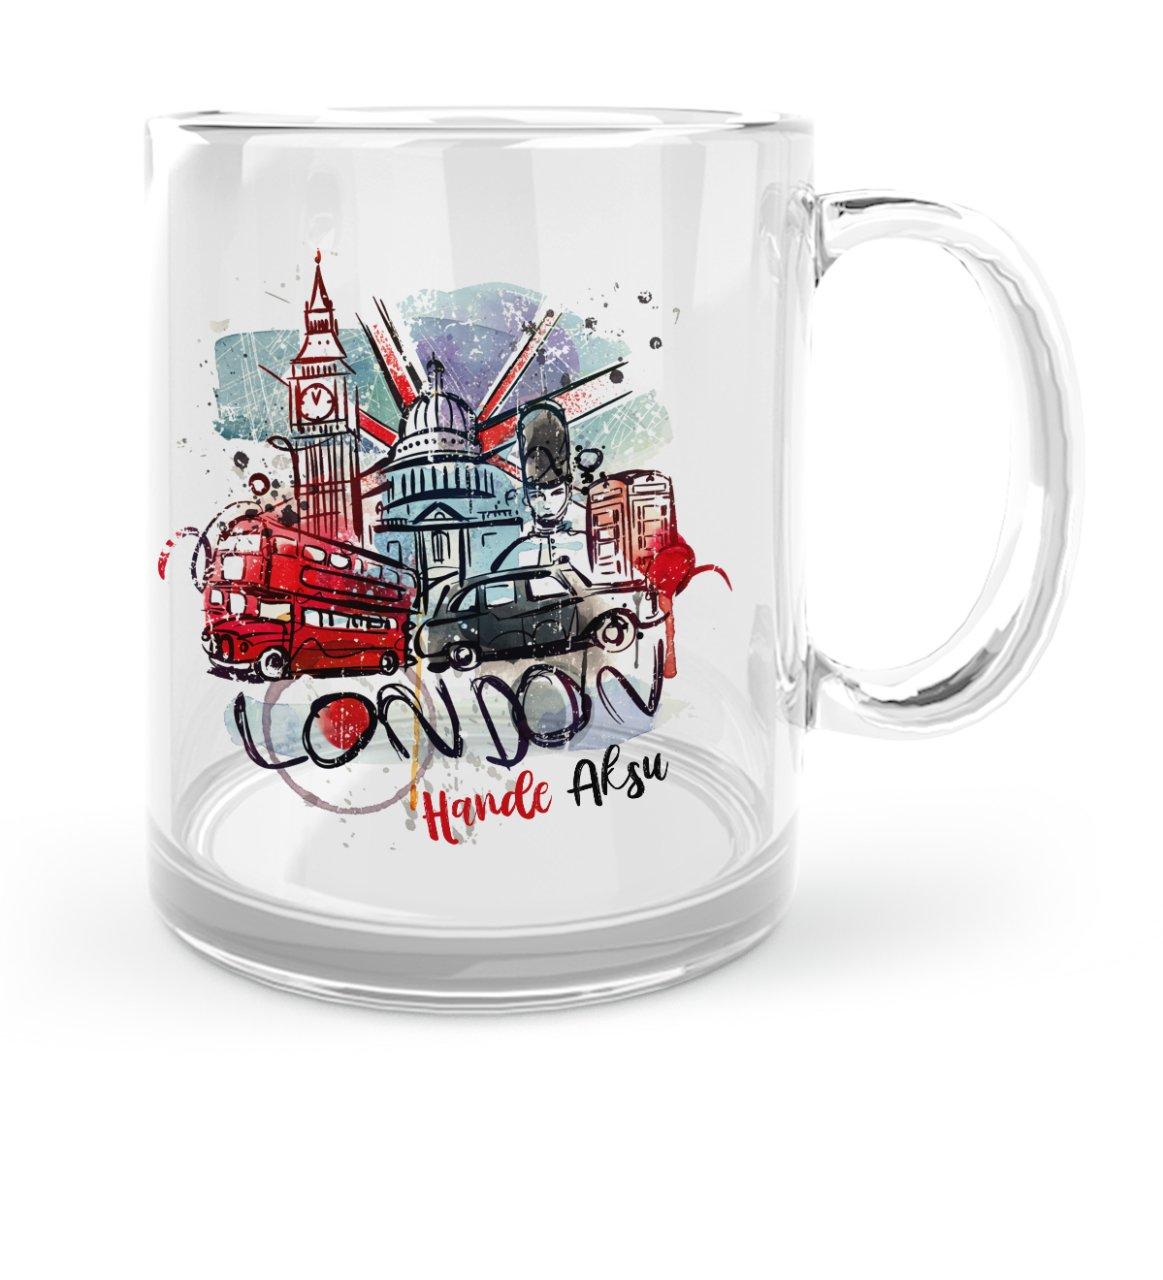 Kişiye Özel London Tasarımlı Cam Kupa Bardak - 1